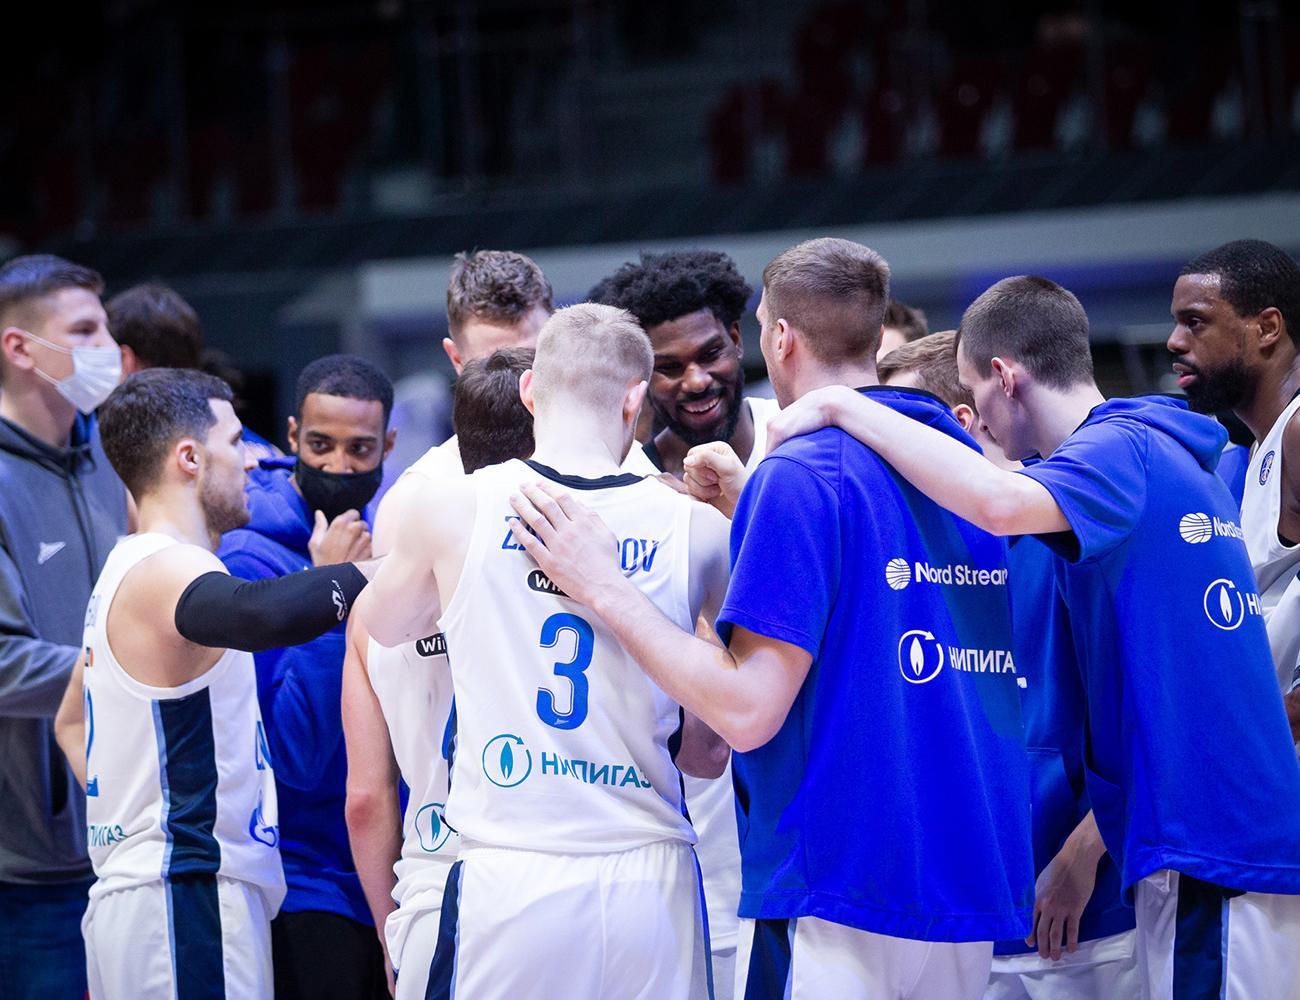 Zenit clinch Euroleague play-offs